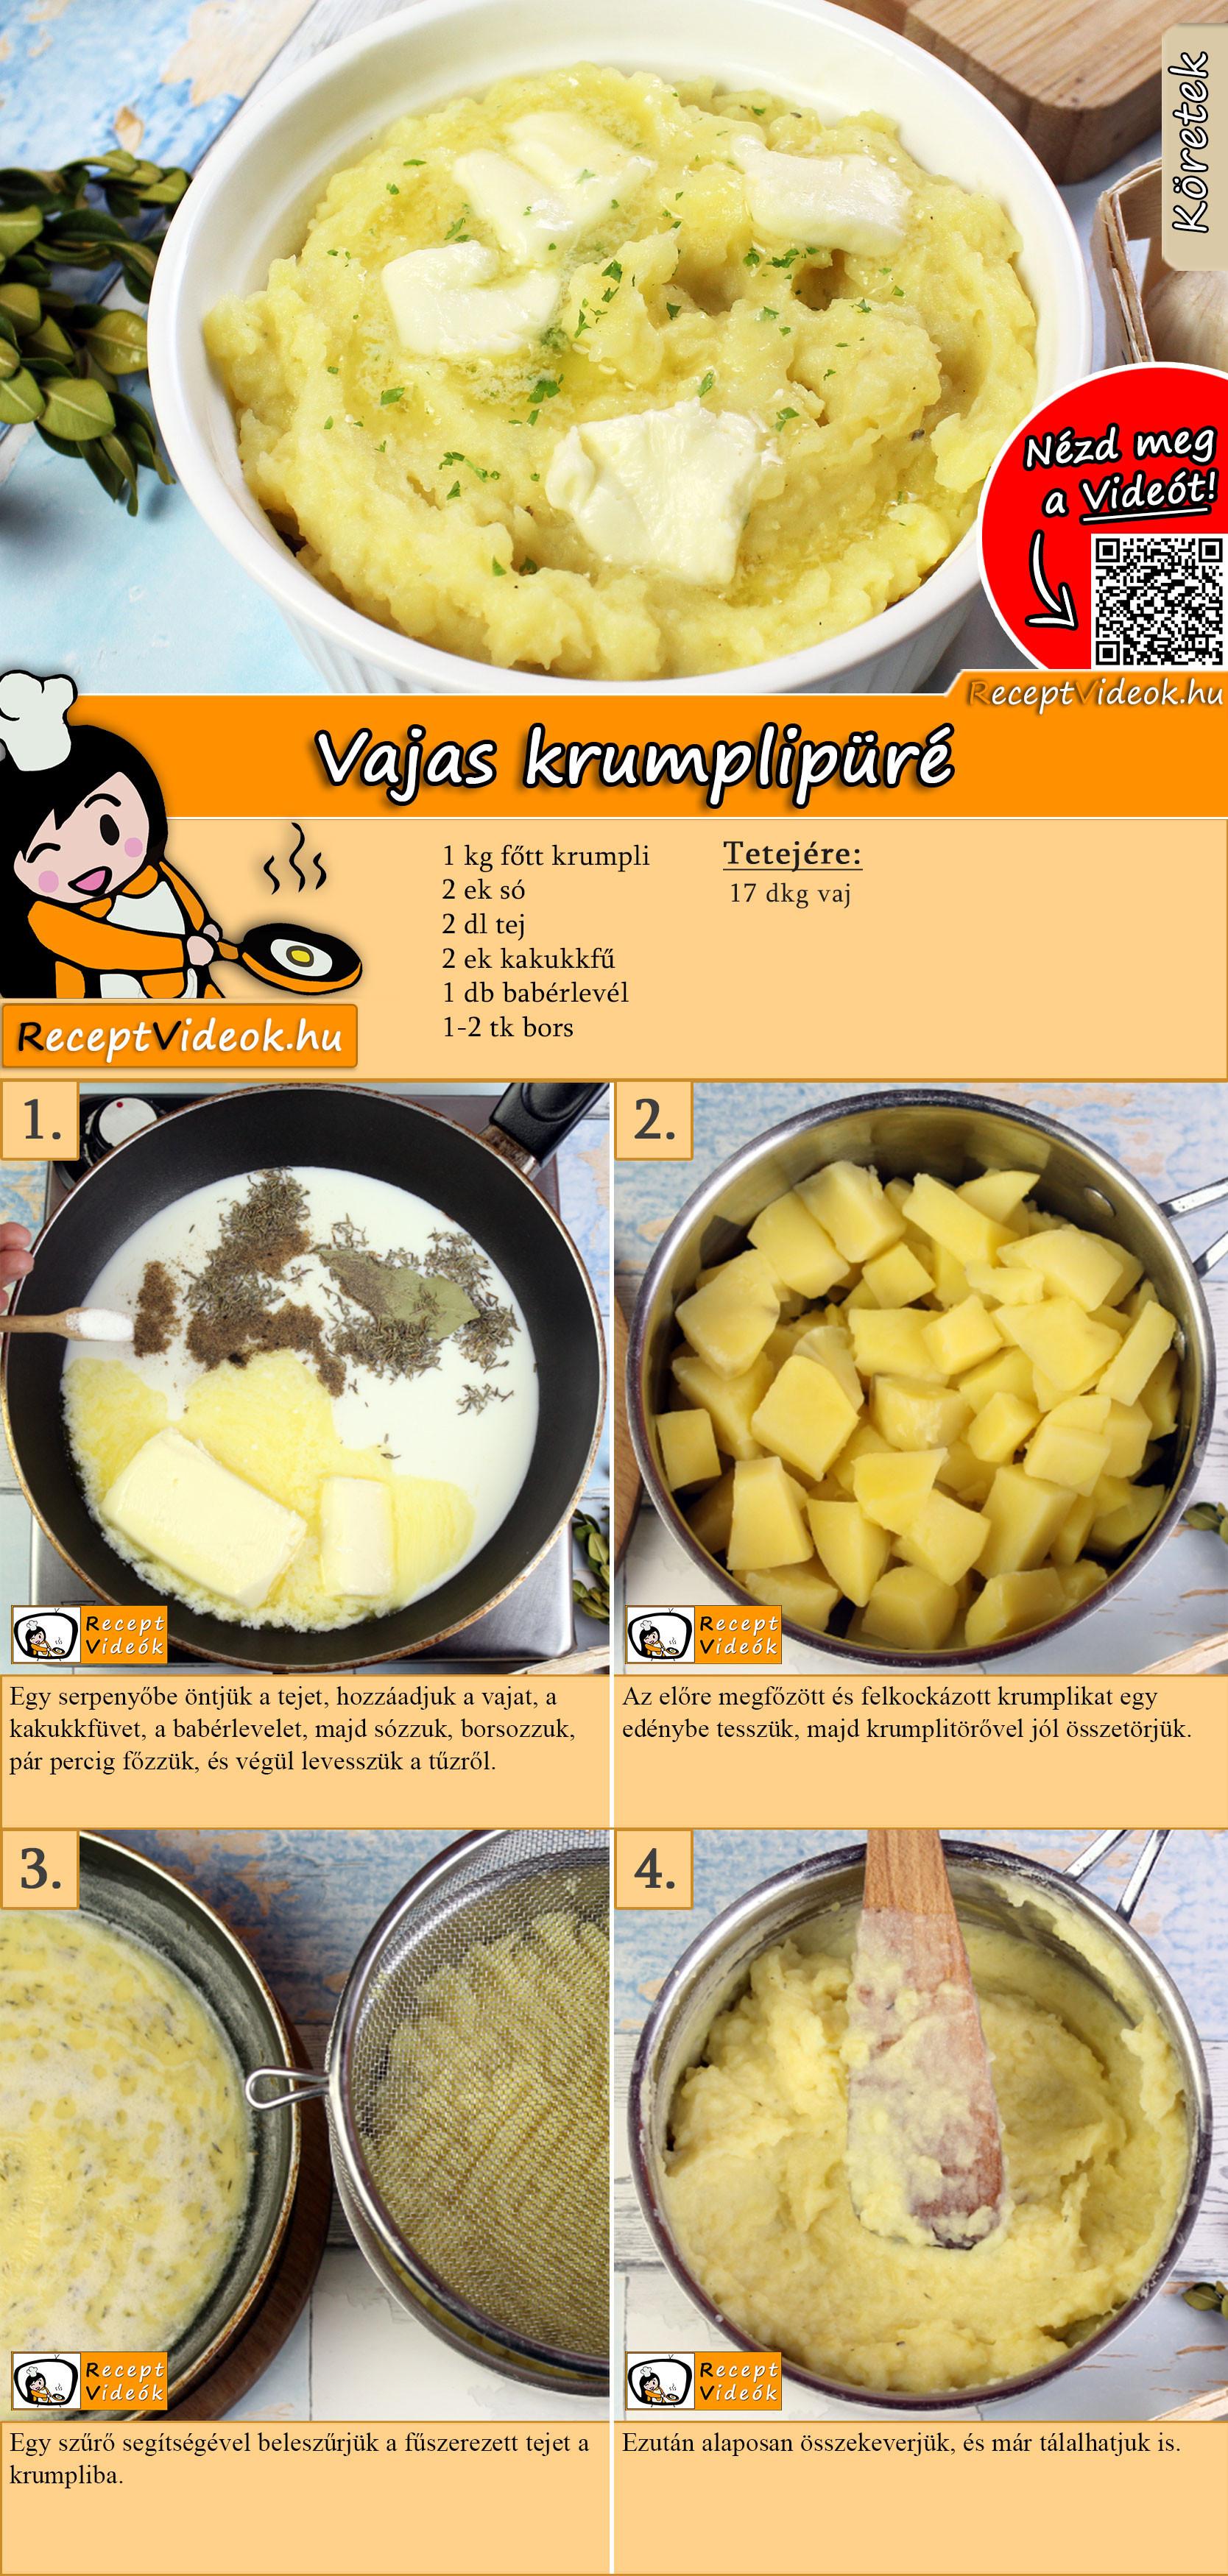 Vajas krumplipüré recept elkészítése videóval